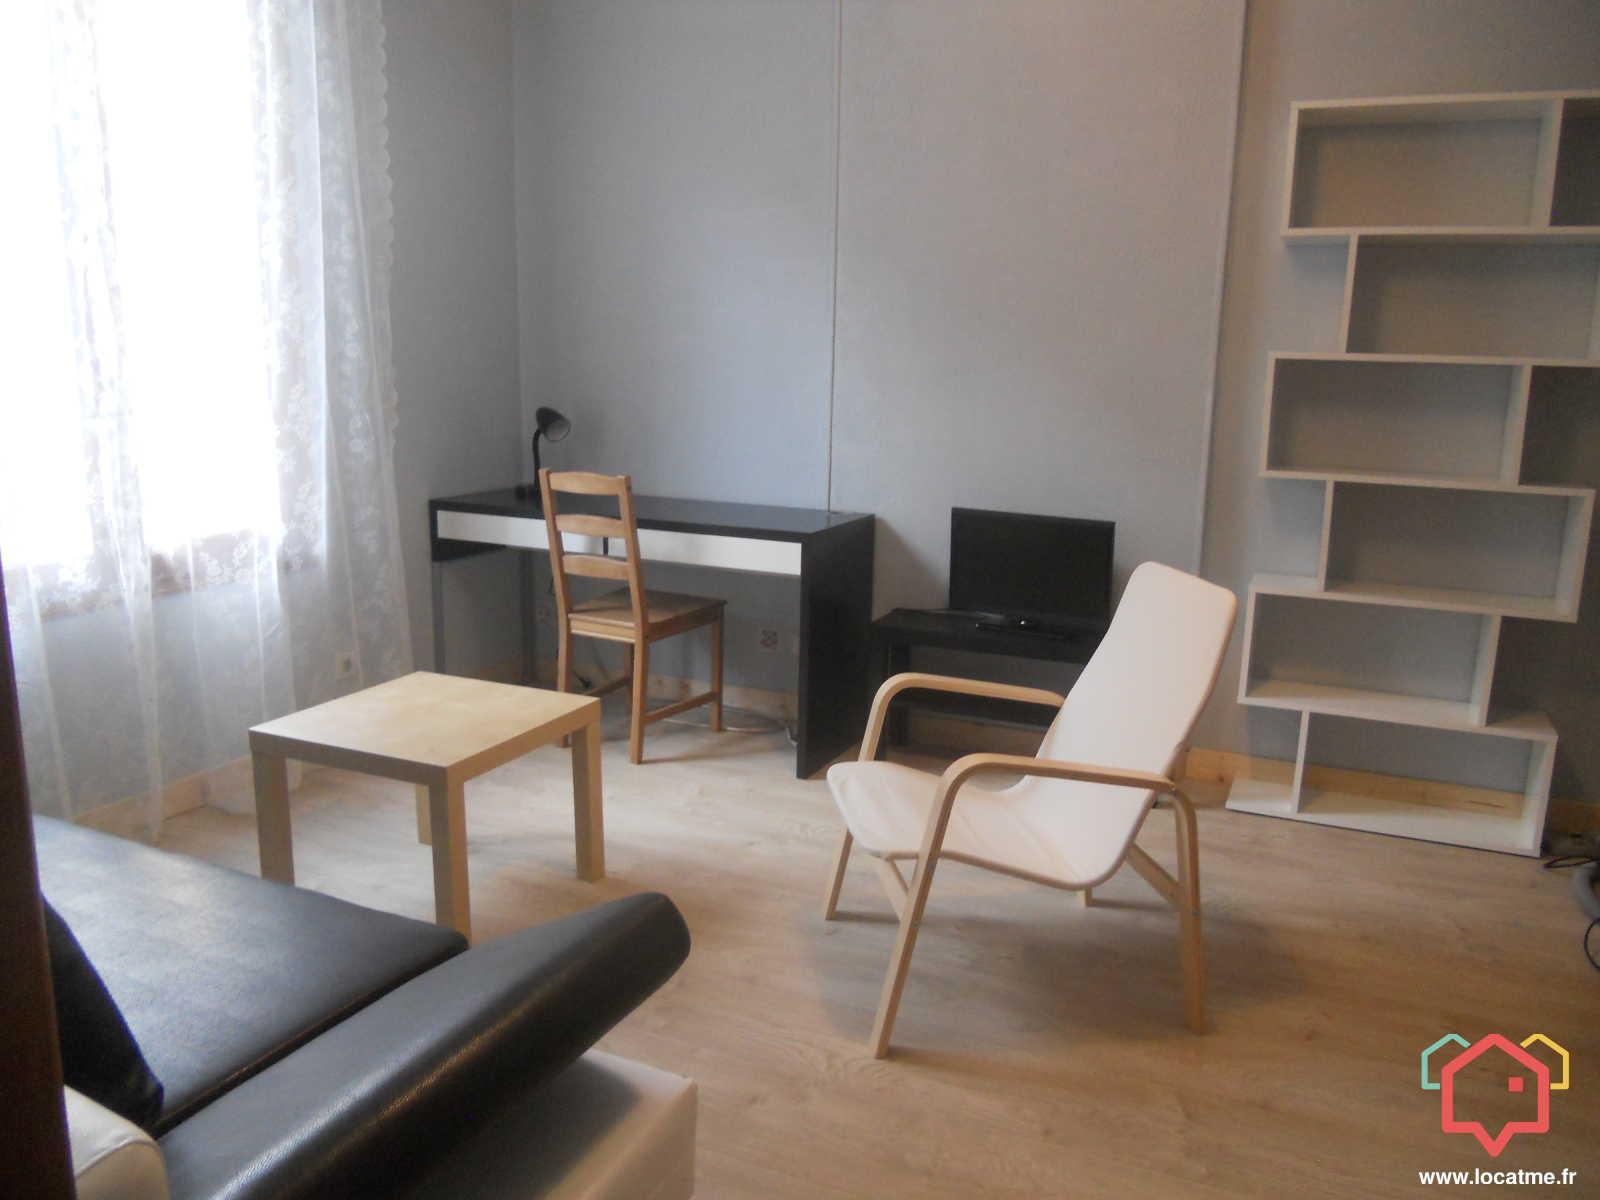 Location A Reims 51100 Logements De Particulier A Particulier